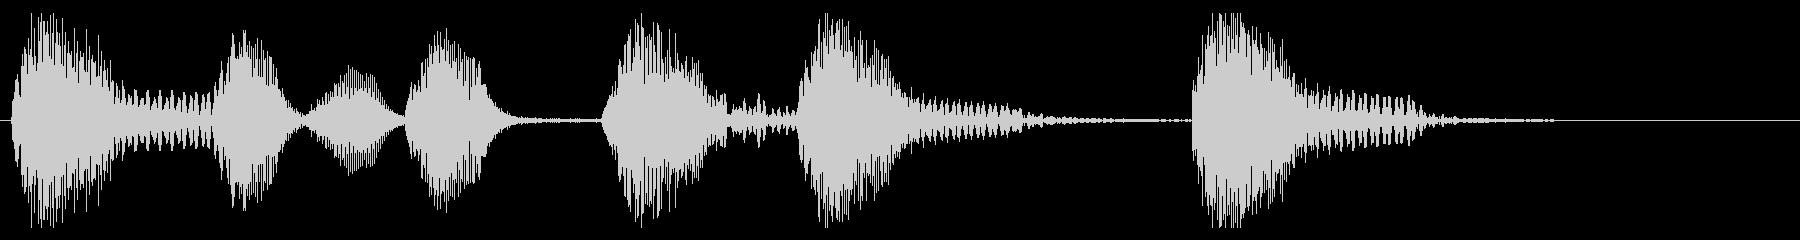 ほのぼのとしたジングル。の未再生の波形